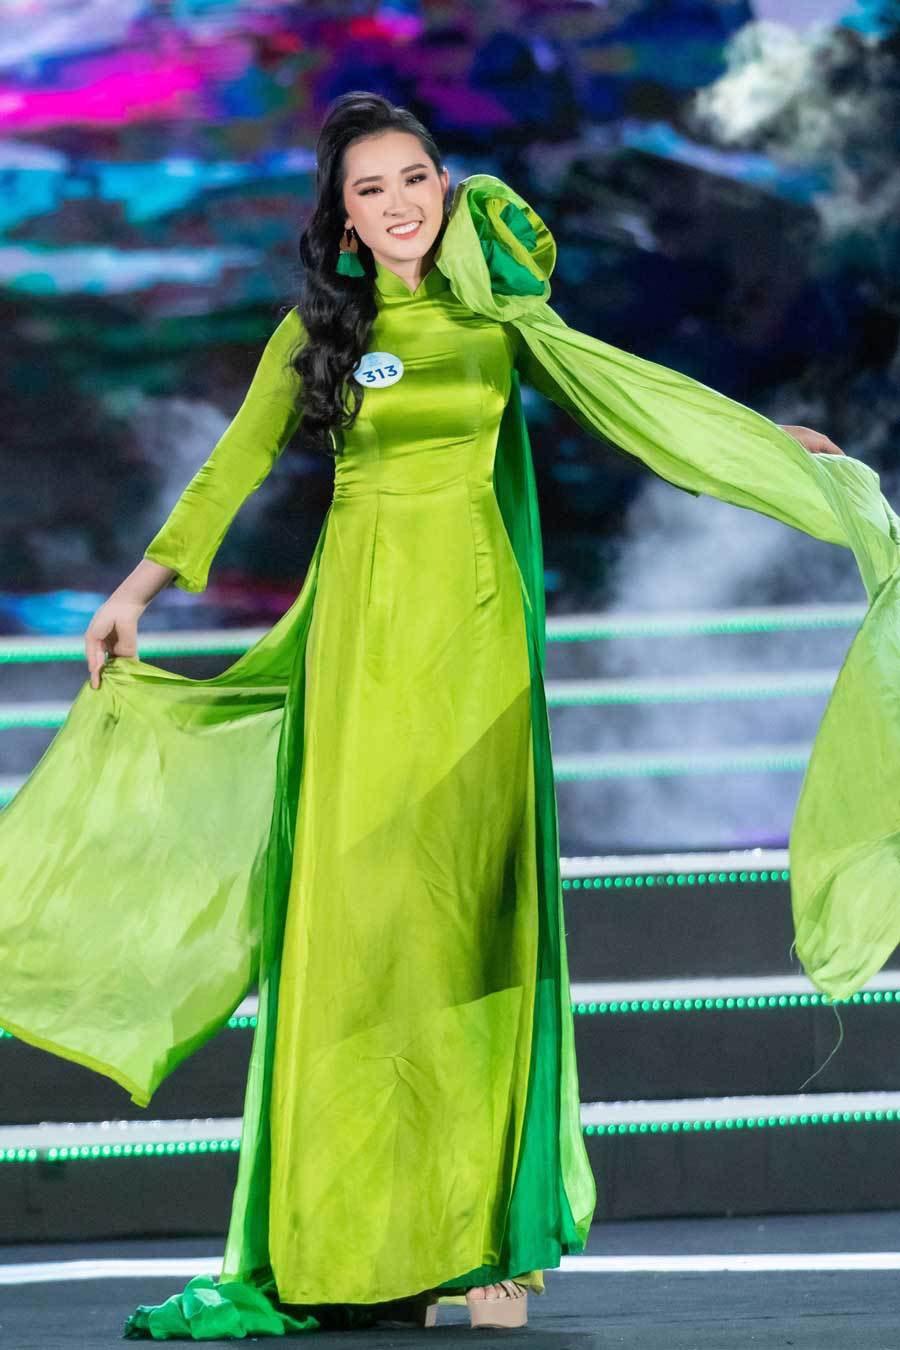 """Thí sinh mặc áo dài của nhà thiết kế Đức Hùng tại cuộc thi """"Miss World Vietnam"""". Ảnh: T.L"""